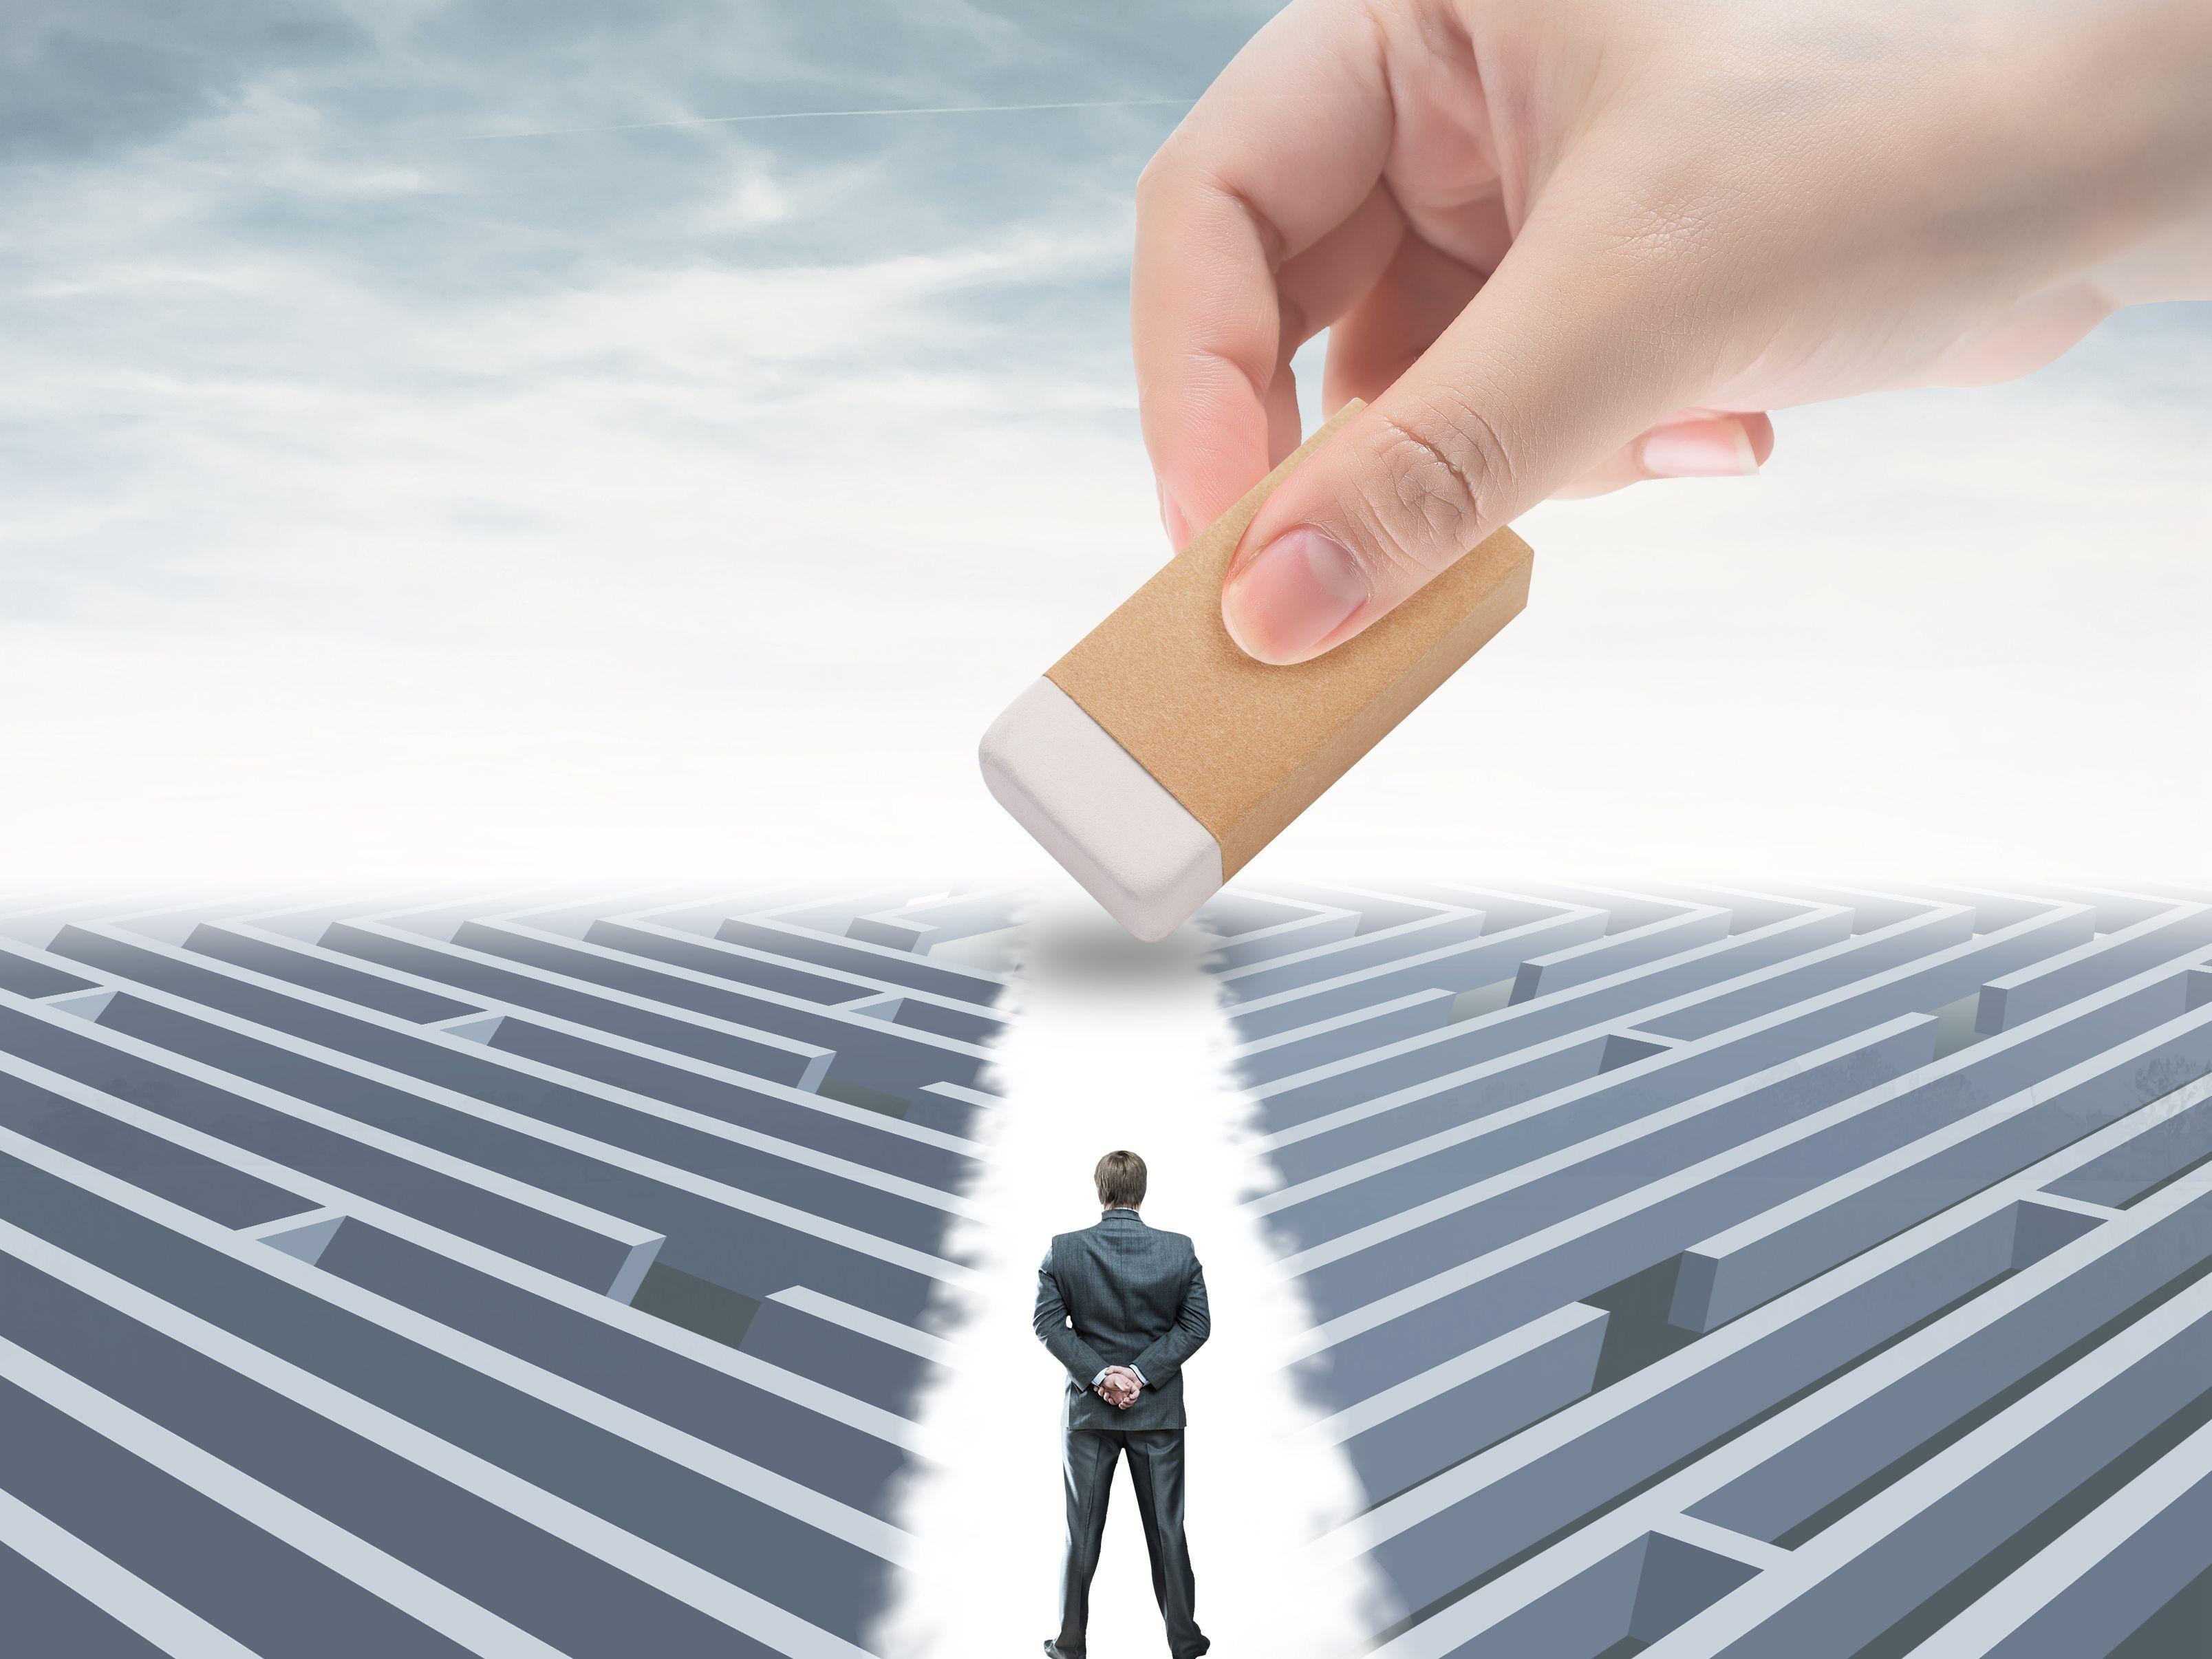 丁建泽:如何构建战略性人力资源管理—做到懂老板、懂业务、懂专业(下)